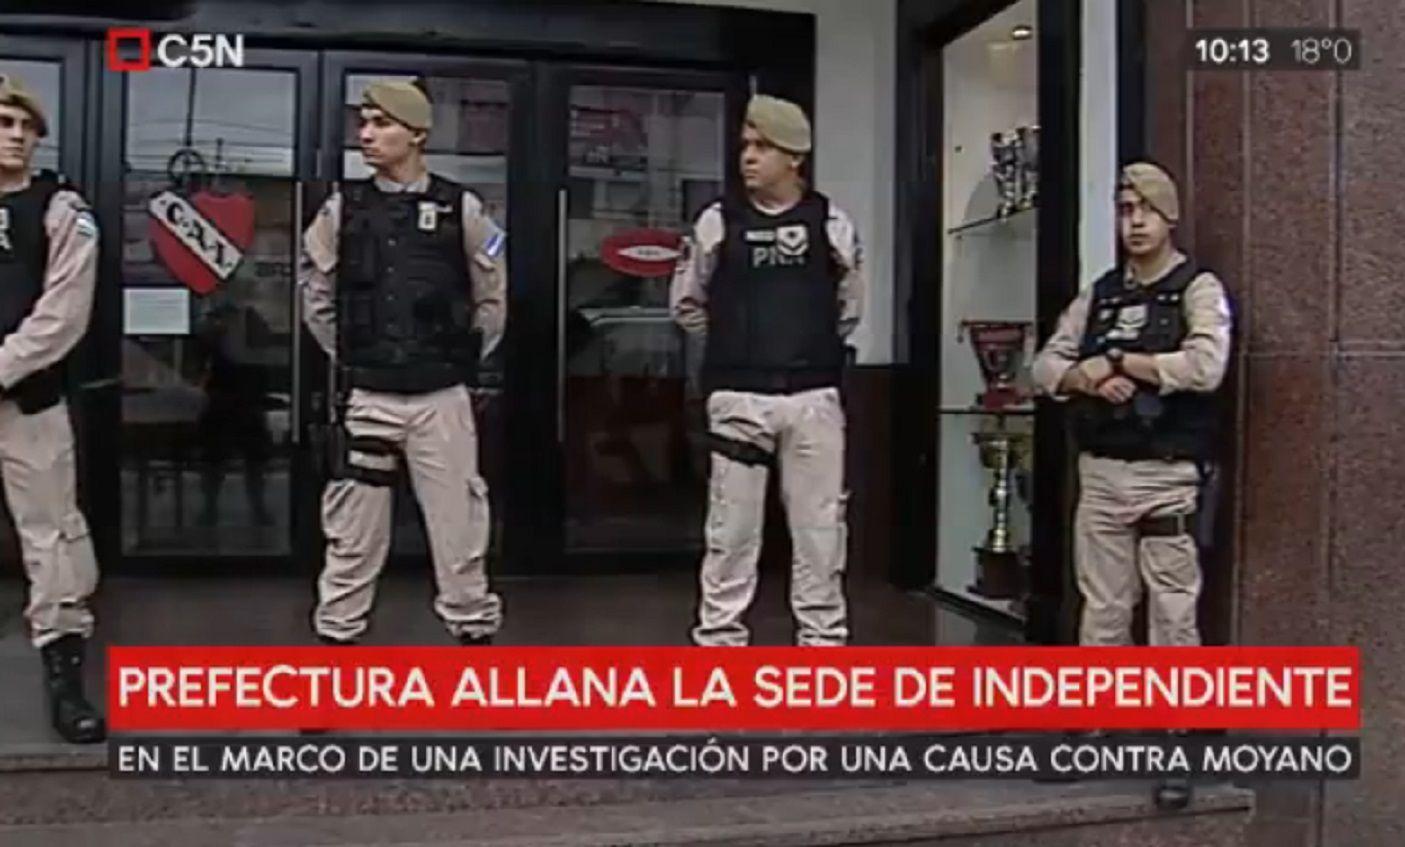 Nuevo allanamiento en la sede de Independiente en Avellaneda